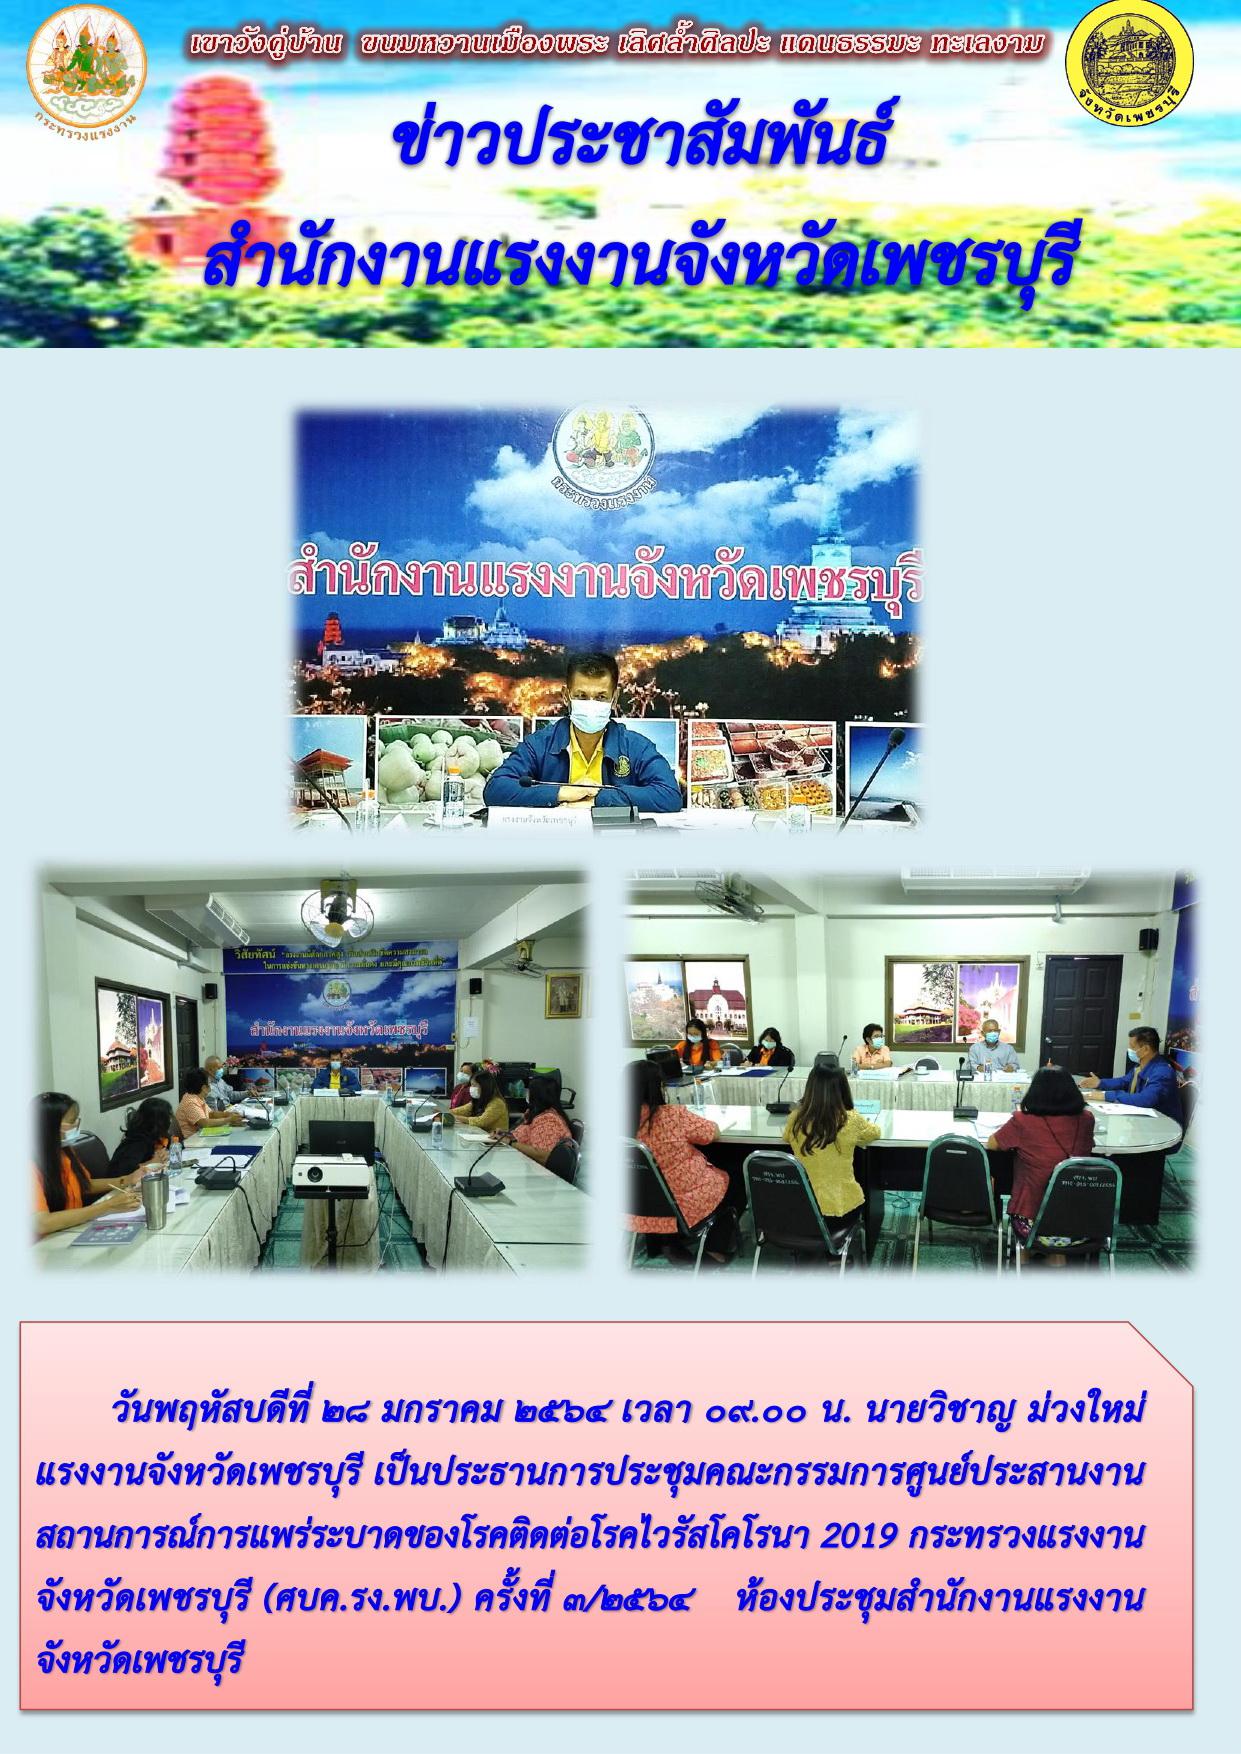 การประชุมคณะกรรมการศูนย์ประสานงานสถานการณ์การแพร่ระบาดของโรคติดต่อโรคไวรัสโคโรนา 2019 กระทรวงแรงงาน จังหวัดเพชรบุรี (ศบค.รง.พบ.) ครั้งที่ 3/2564